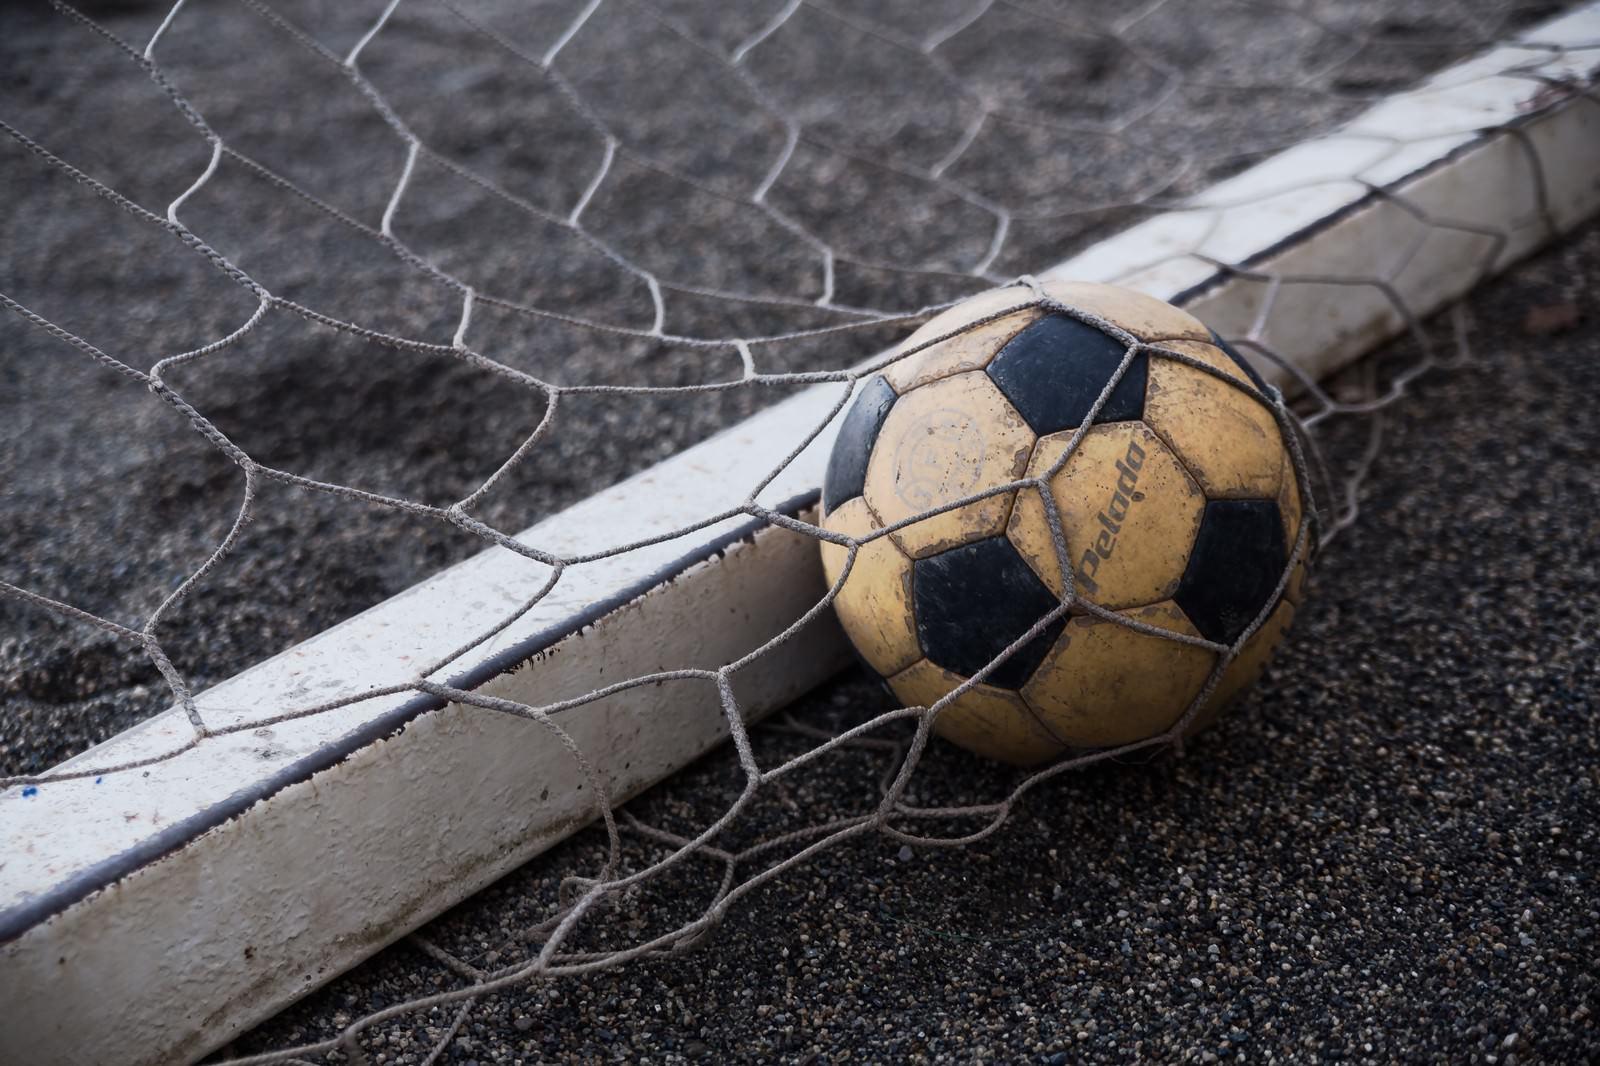 「ゴールネットとサッカーボールゴールネットとサッカーボール」のフリー写真素材を拡大